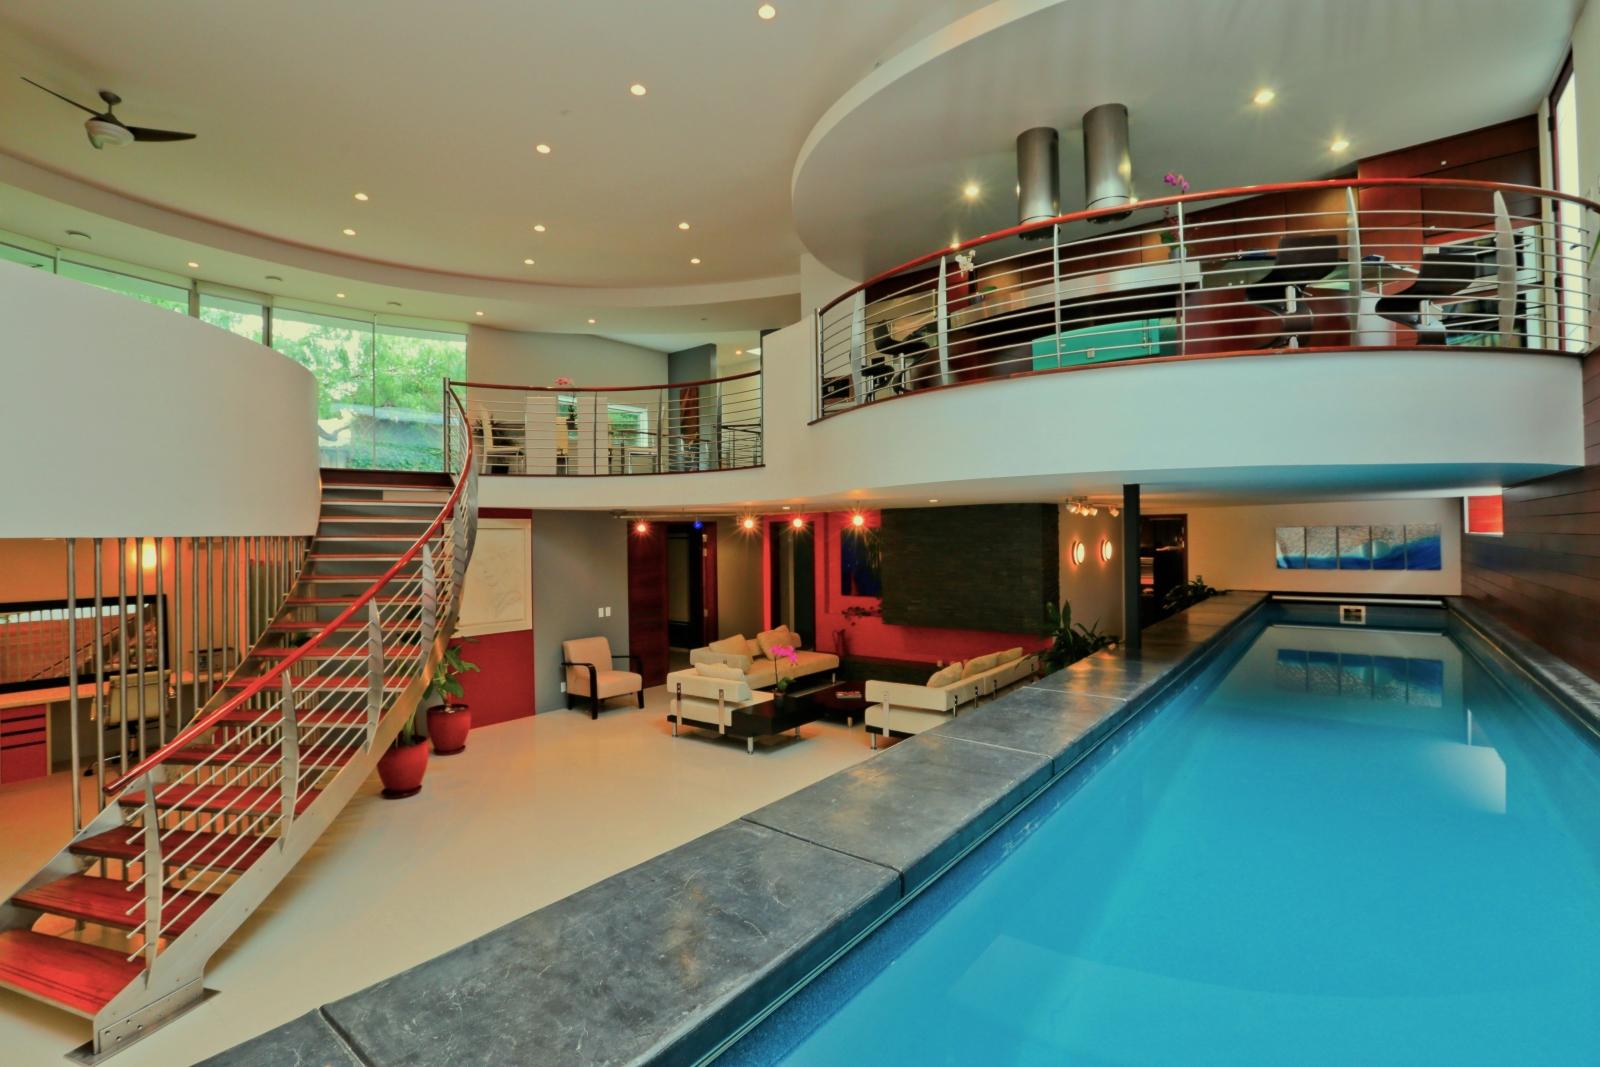 Mdesign Indoor Pool